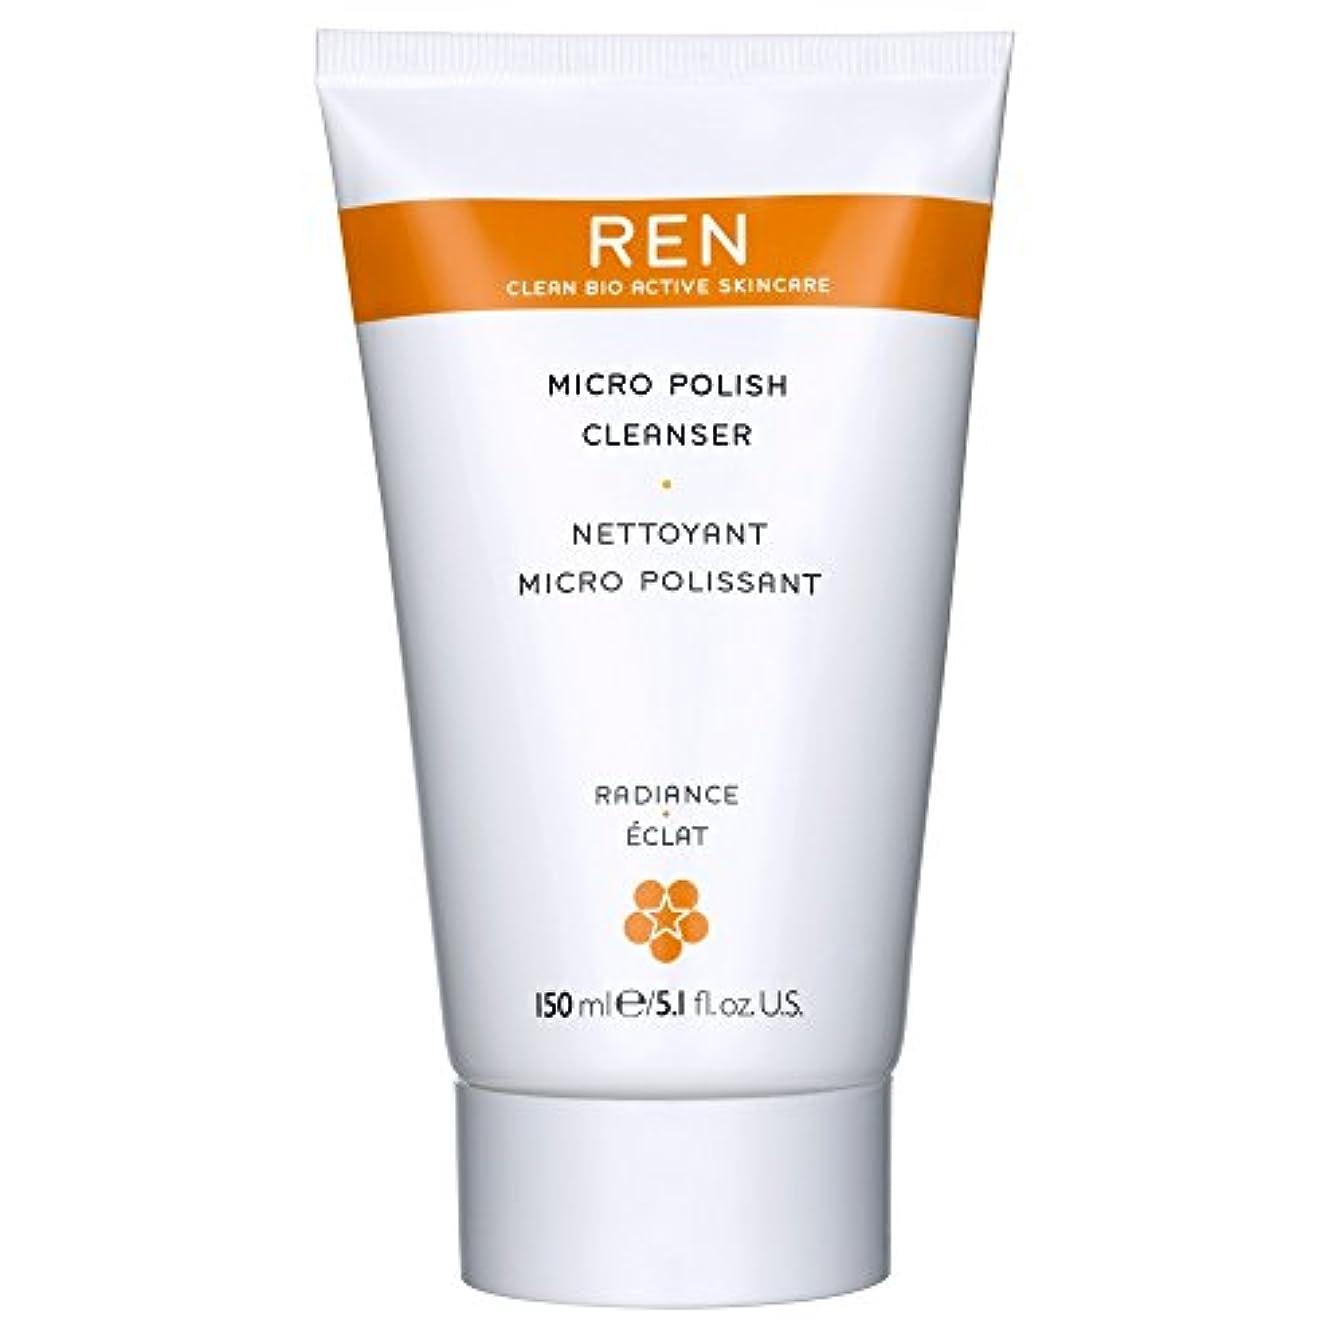 アリーナ膨らませる雑品Renミルコ磨きクレンザー、150ミリリットル (REN) (x6) - REN Mirco Polish Cleanser, 150ml (Pack of 6) [並行輸入品]